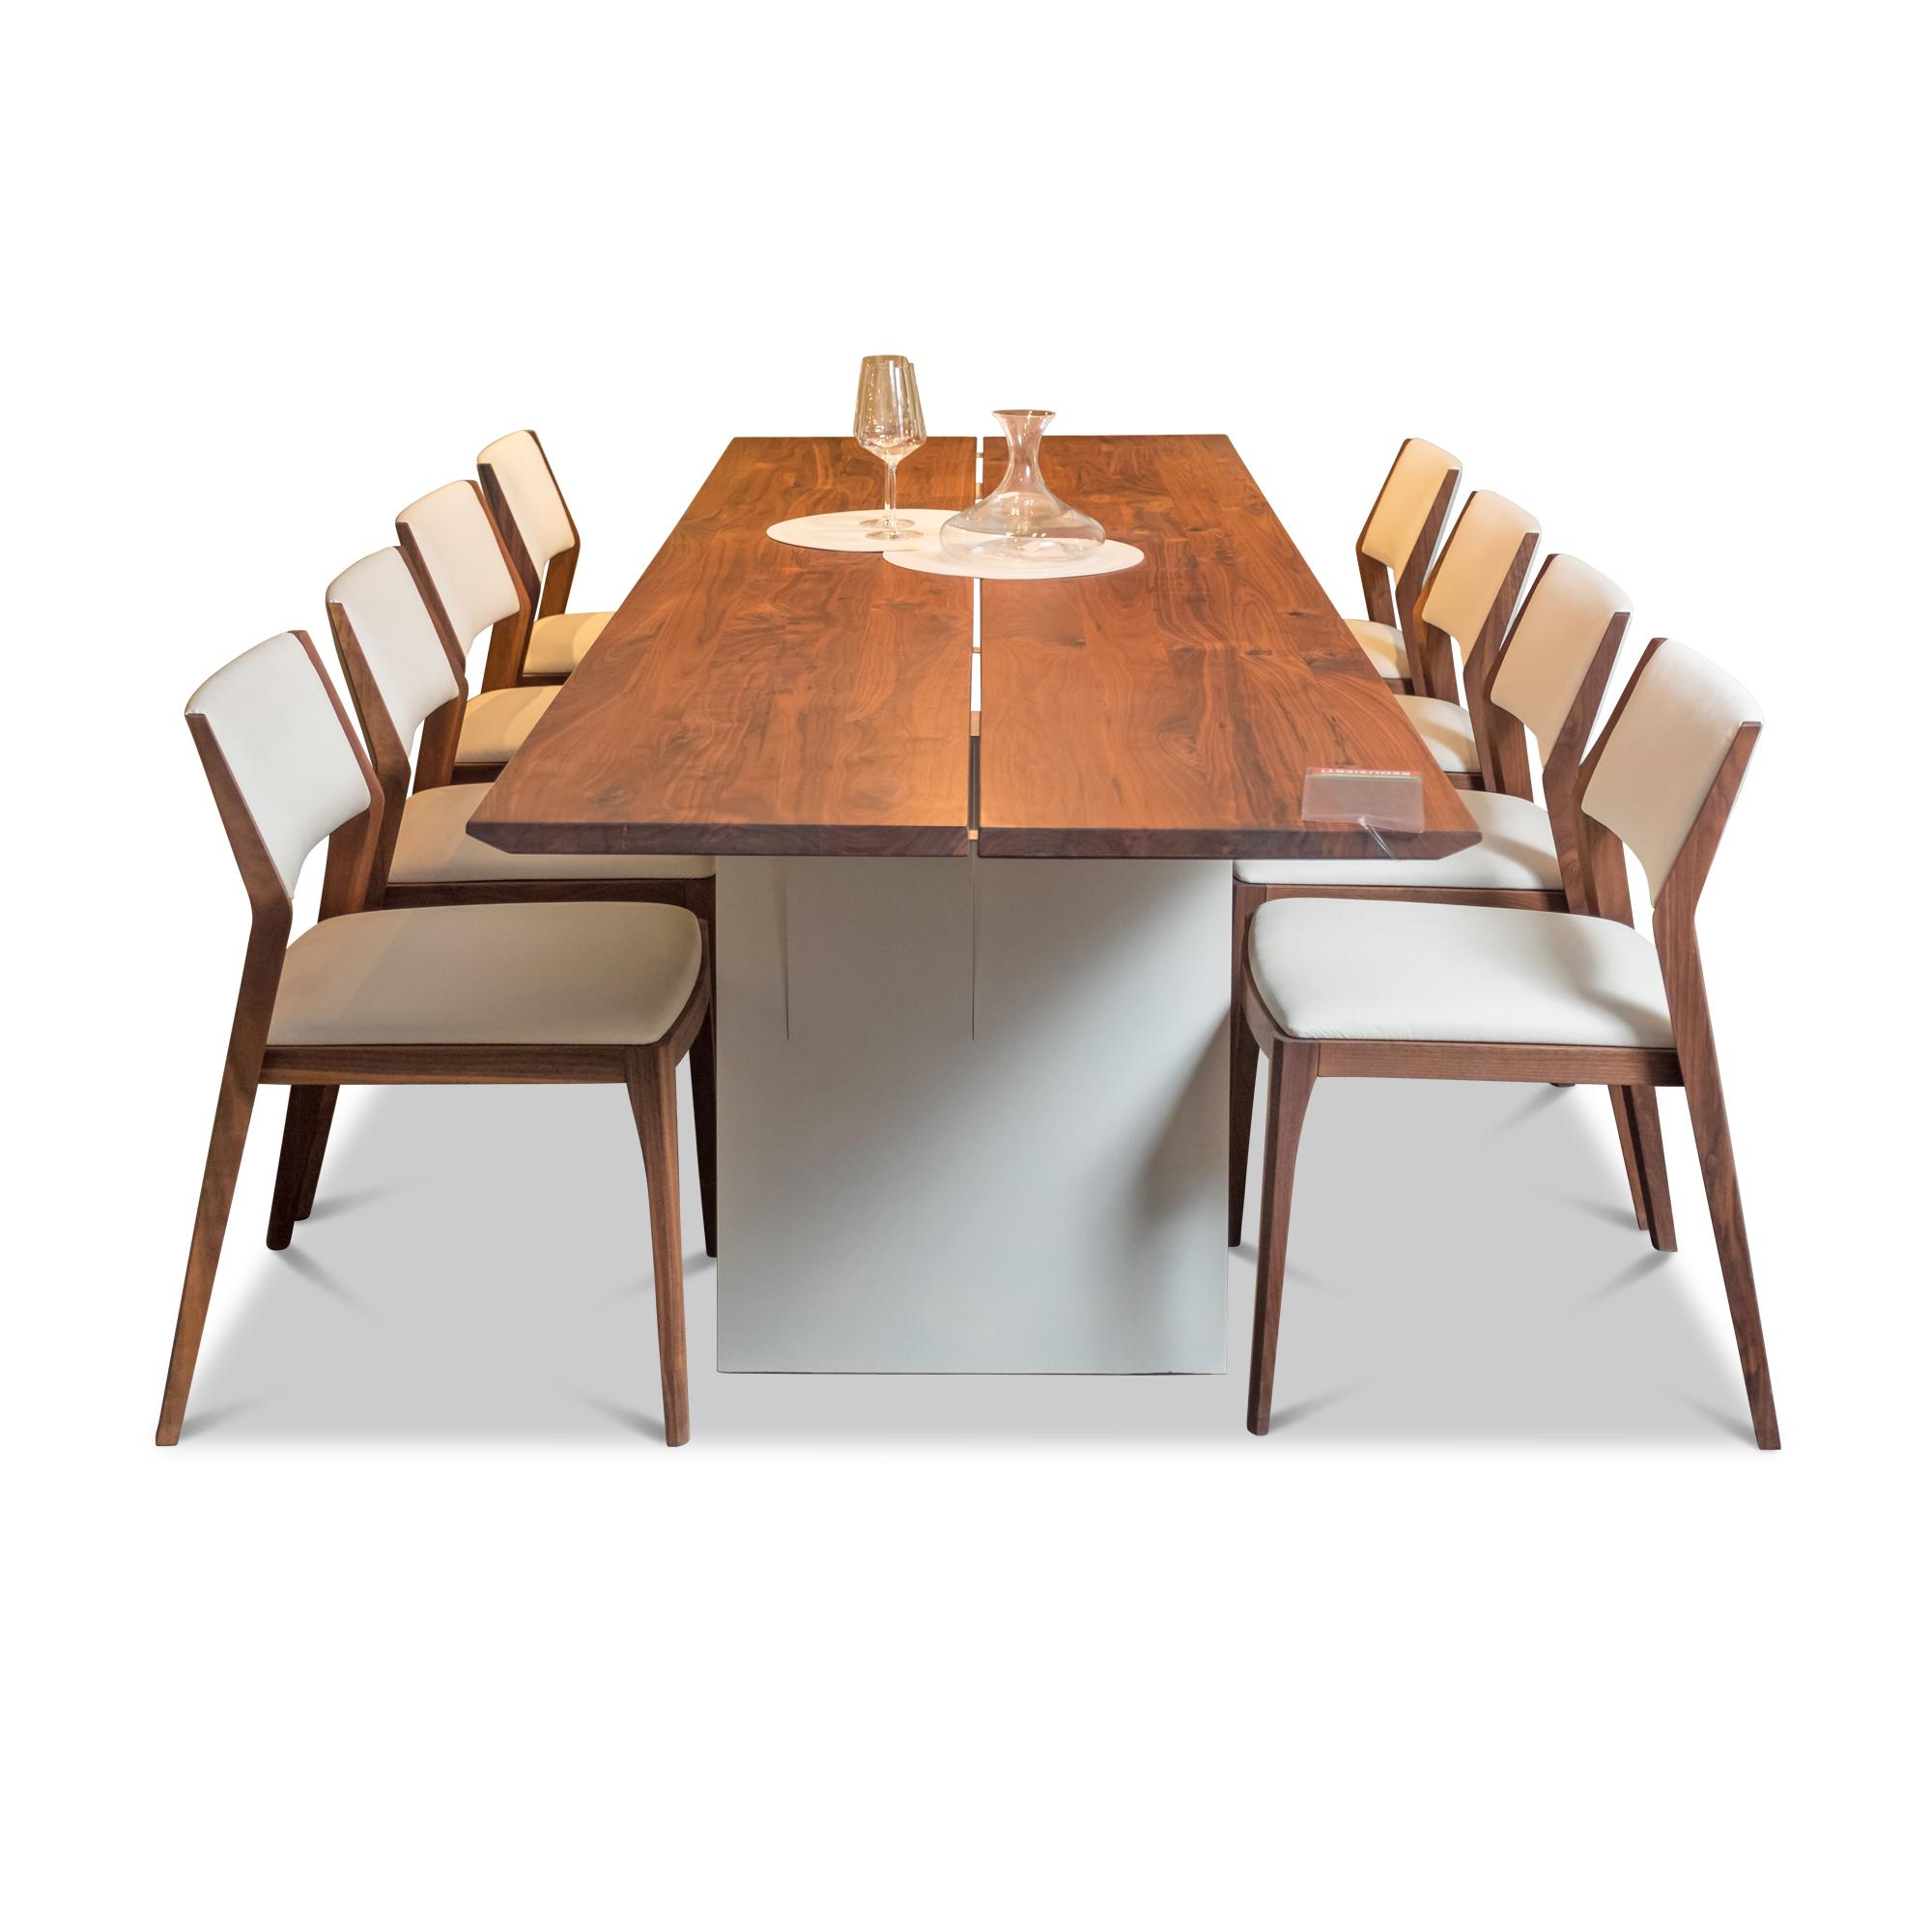 Essgruppe Zweigl 9 Teilig Wimmer Musterring Tische Stuhle